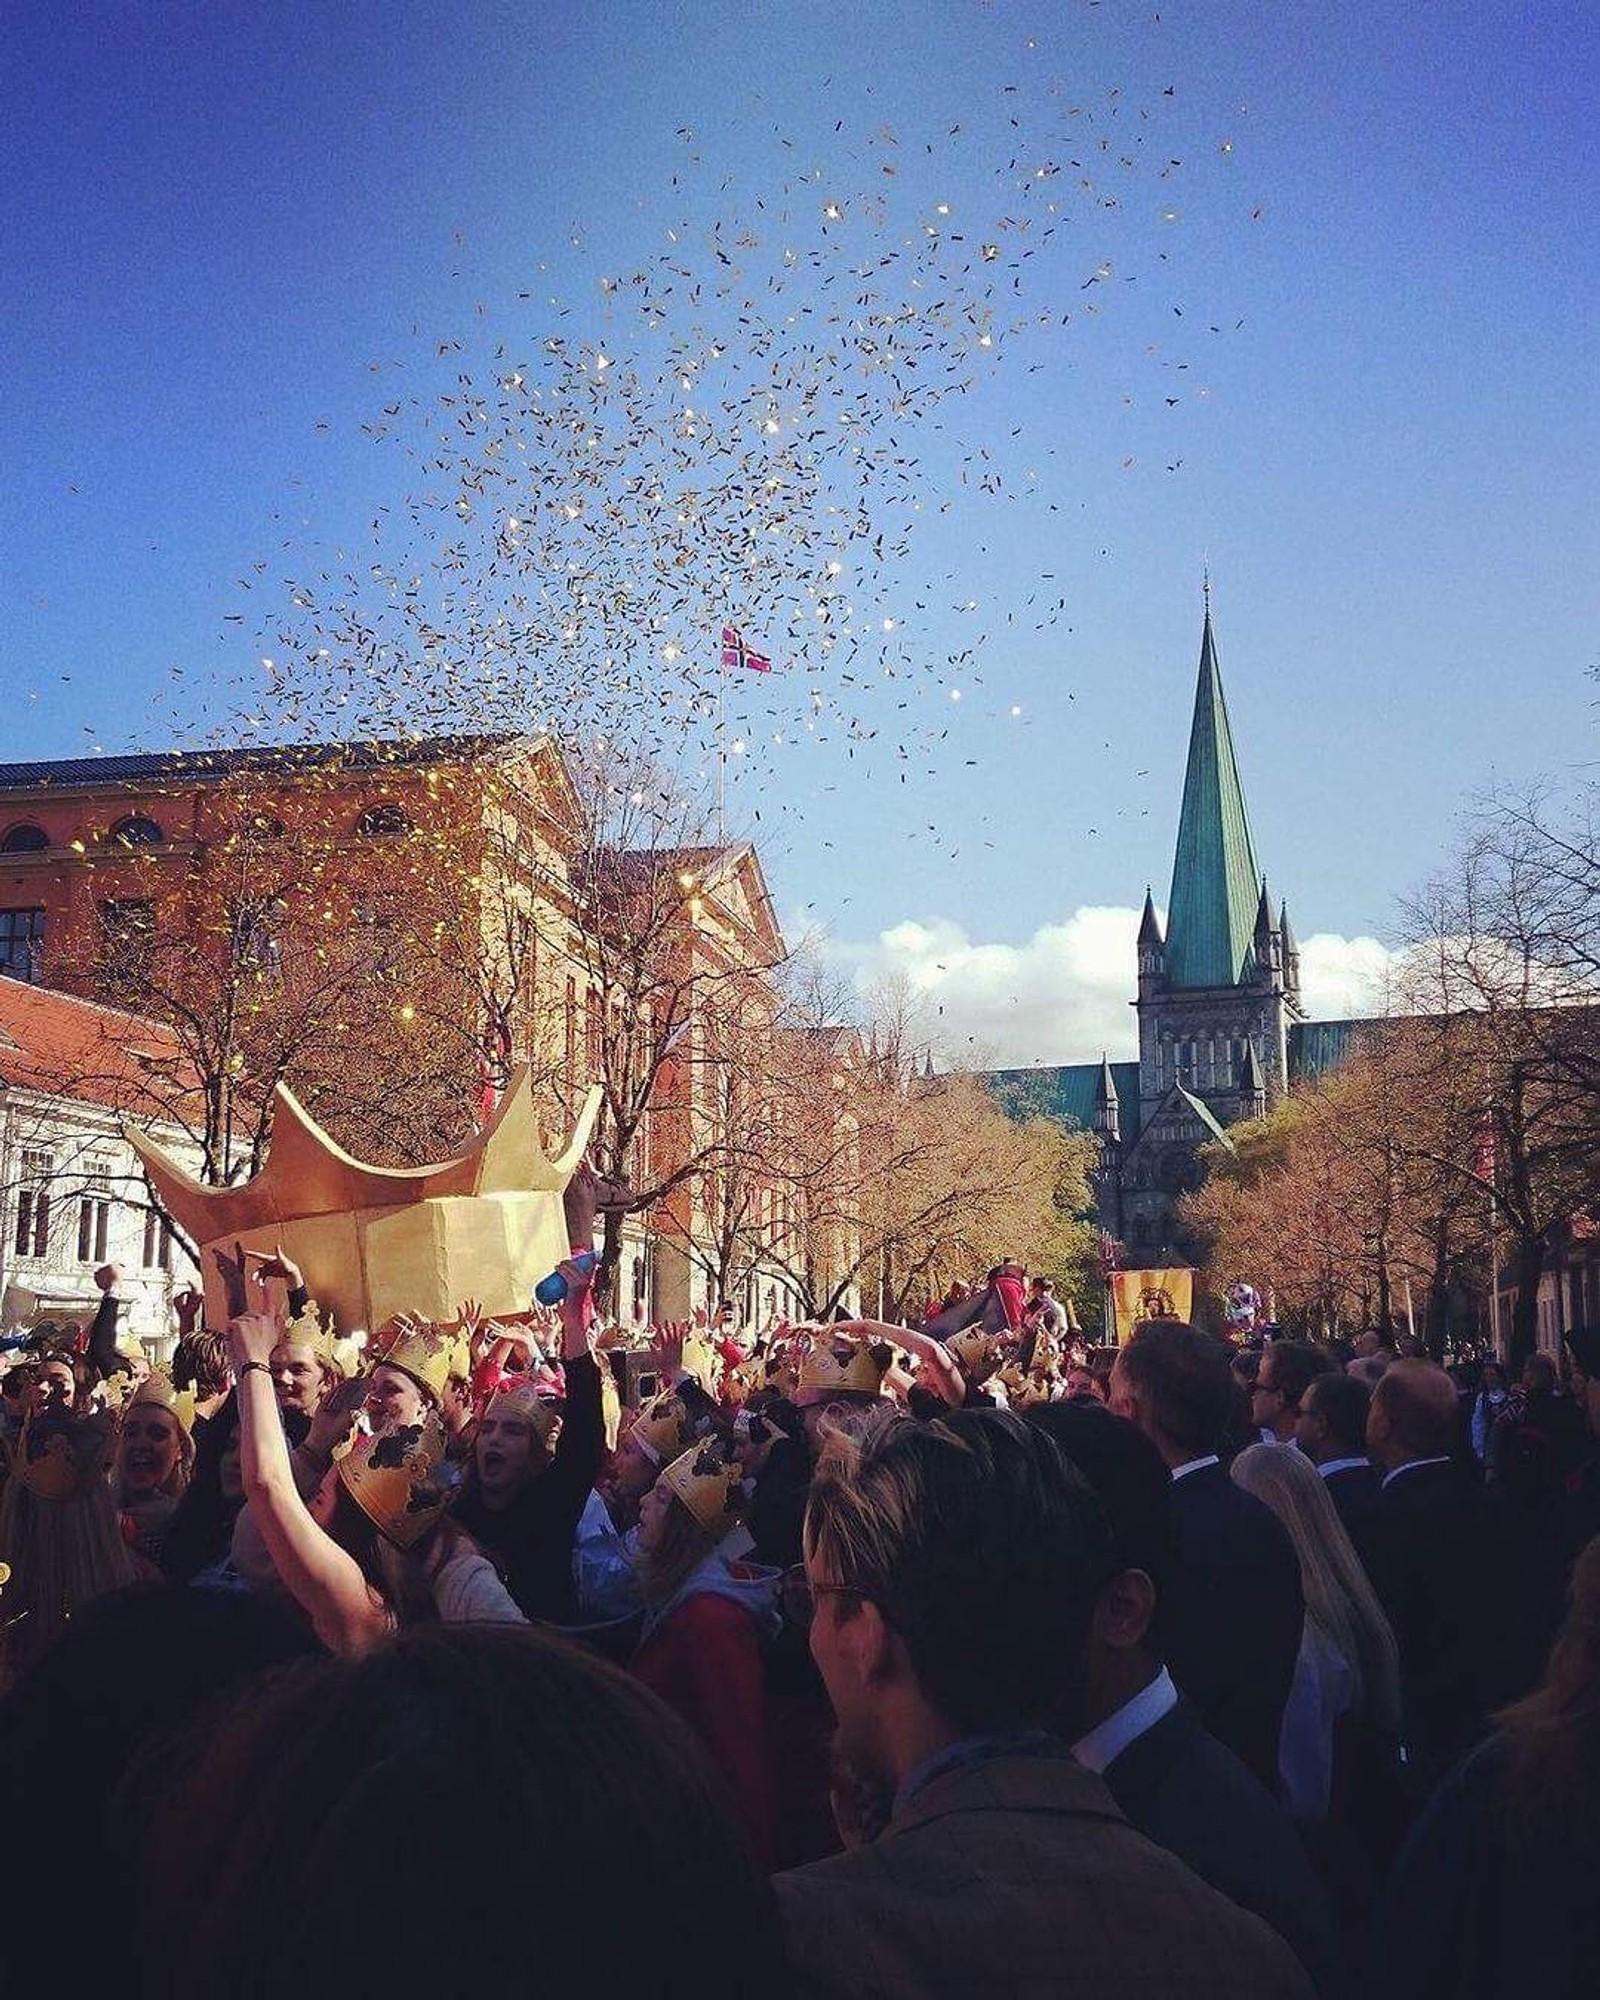 Et flott bilde fra feiringa i Trondheim, delt med oss av Robert.